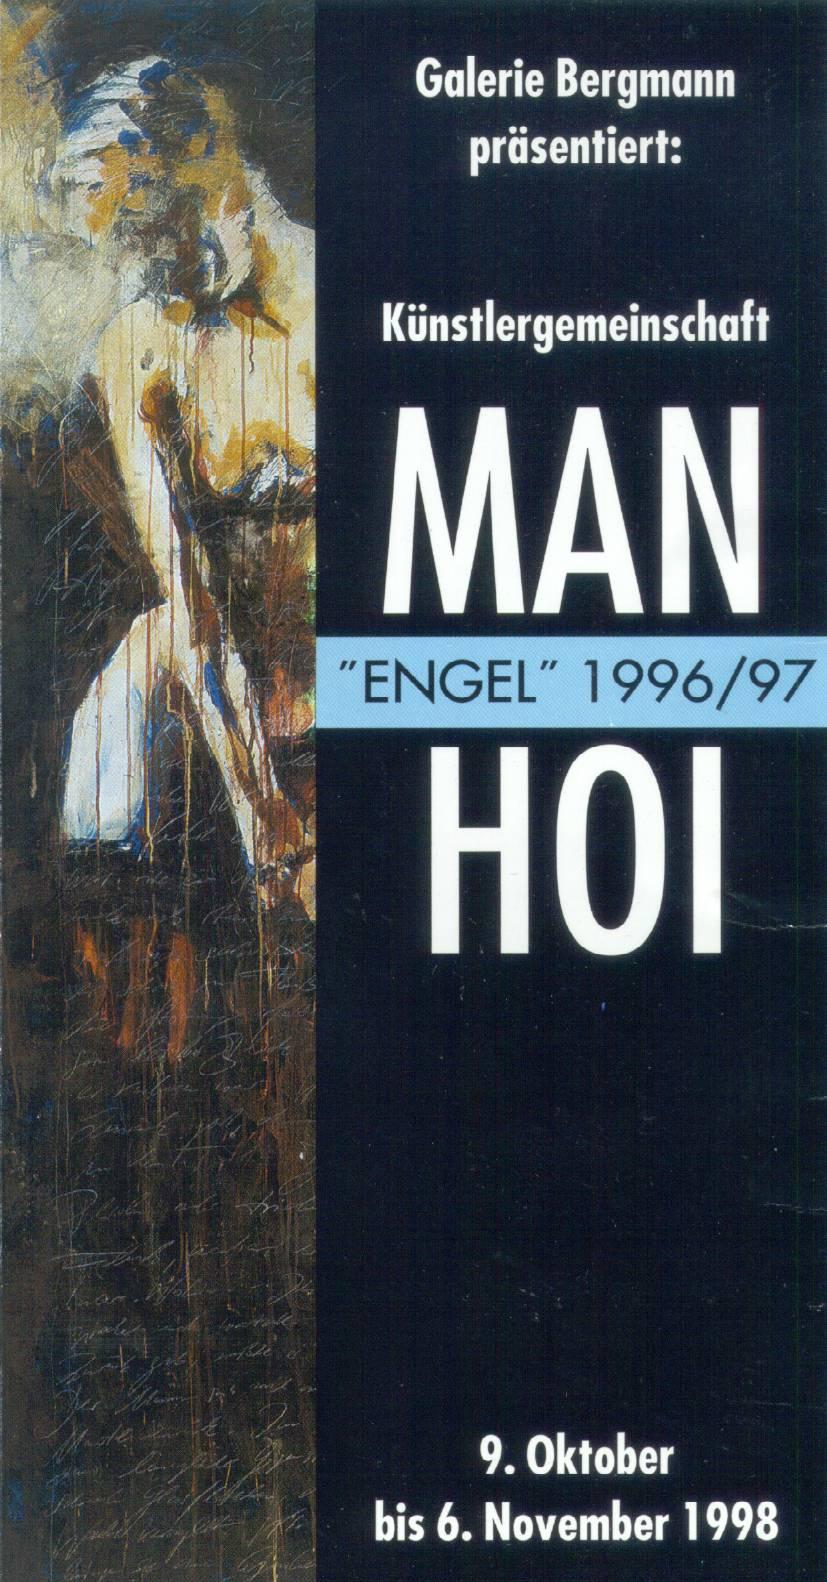 """1996-2006: Gemäldezyklus """"Man Hoi Engel Erscheinungen"""""""